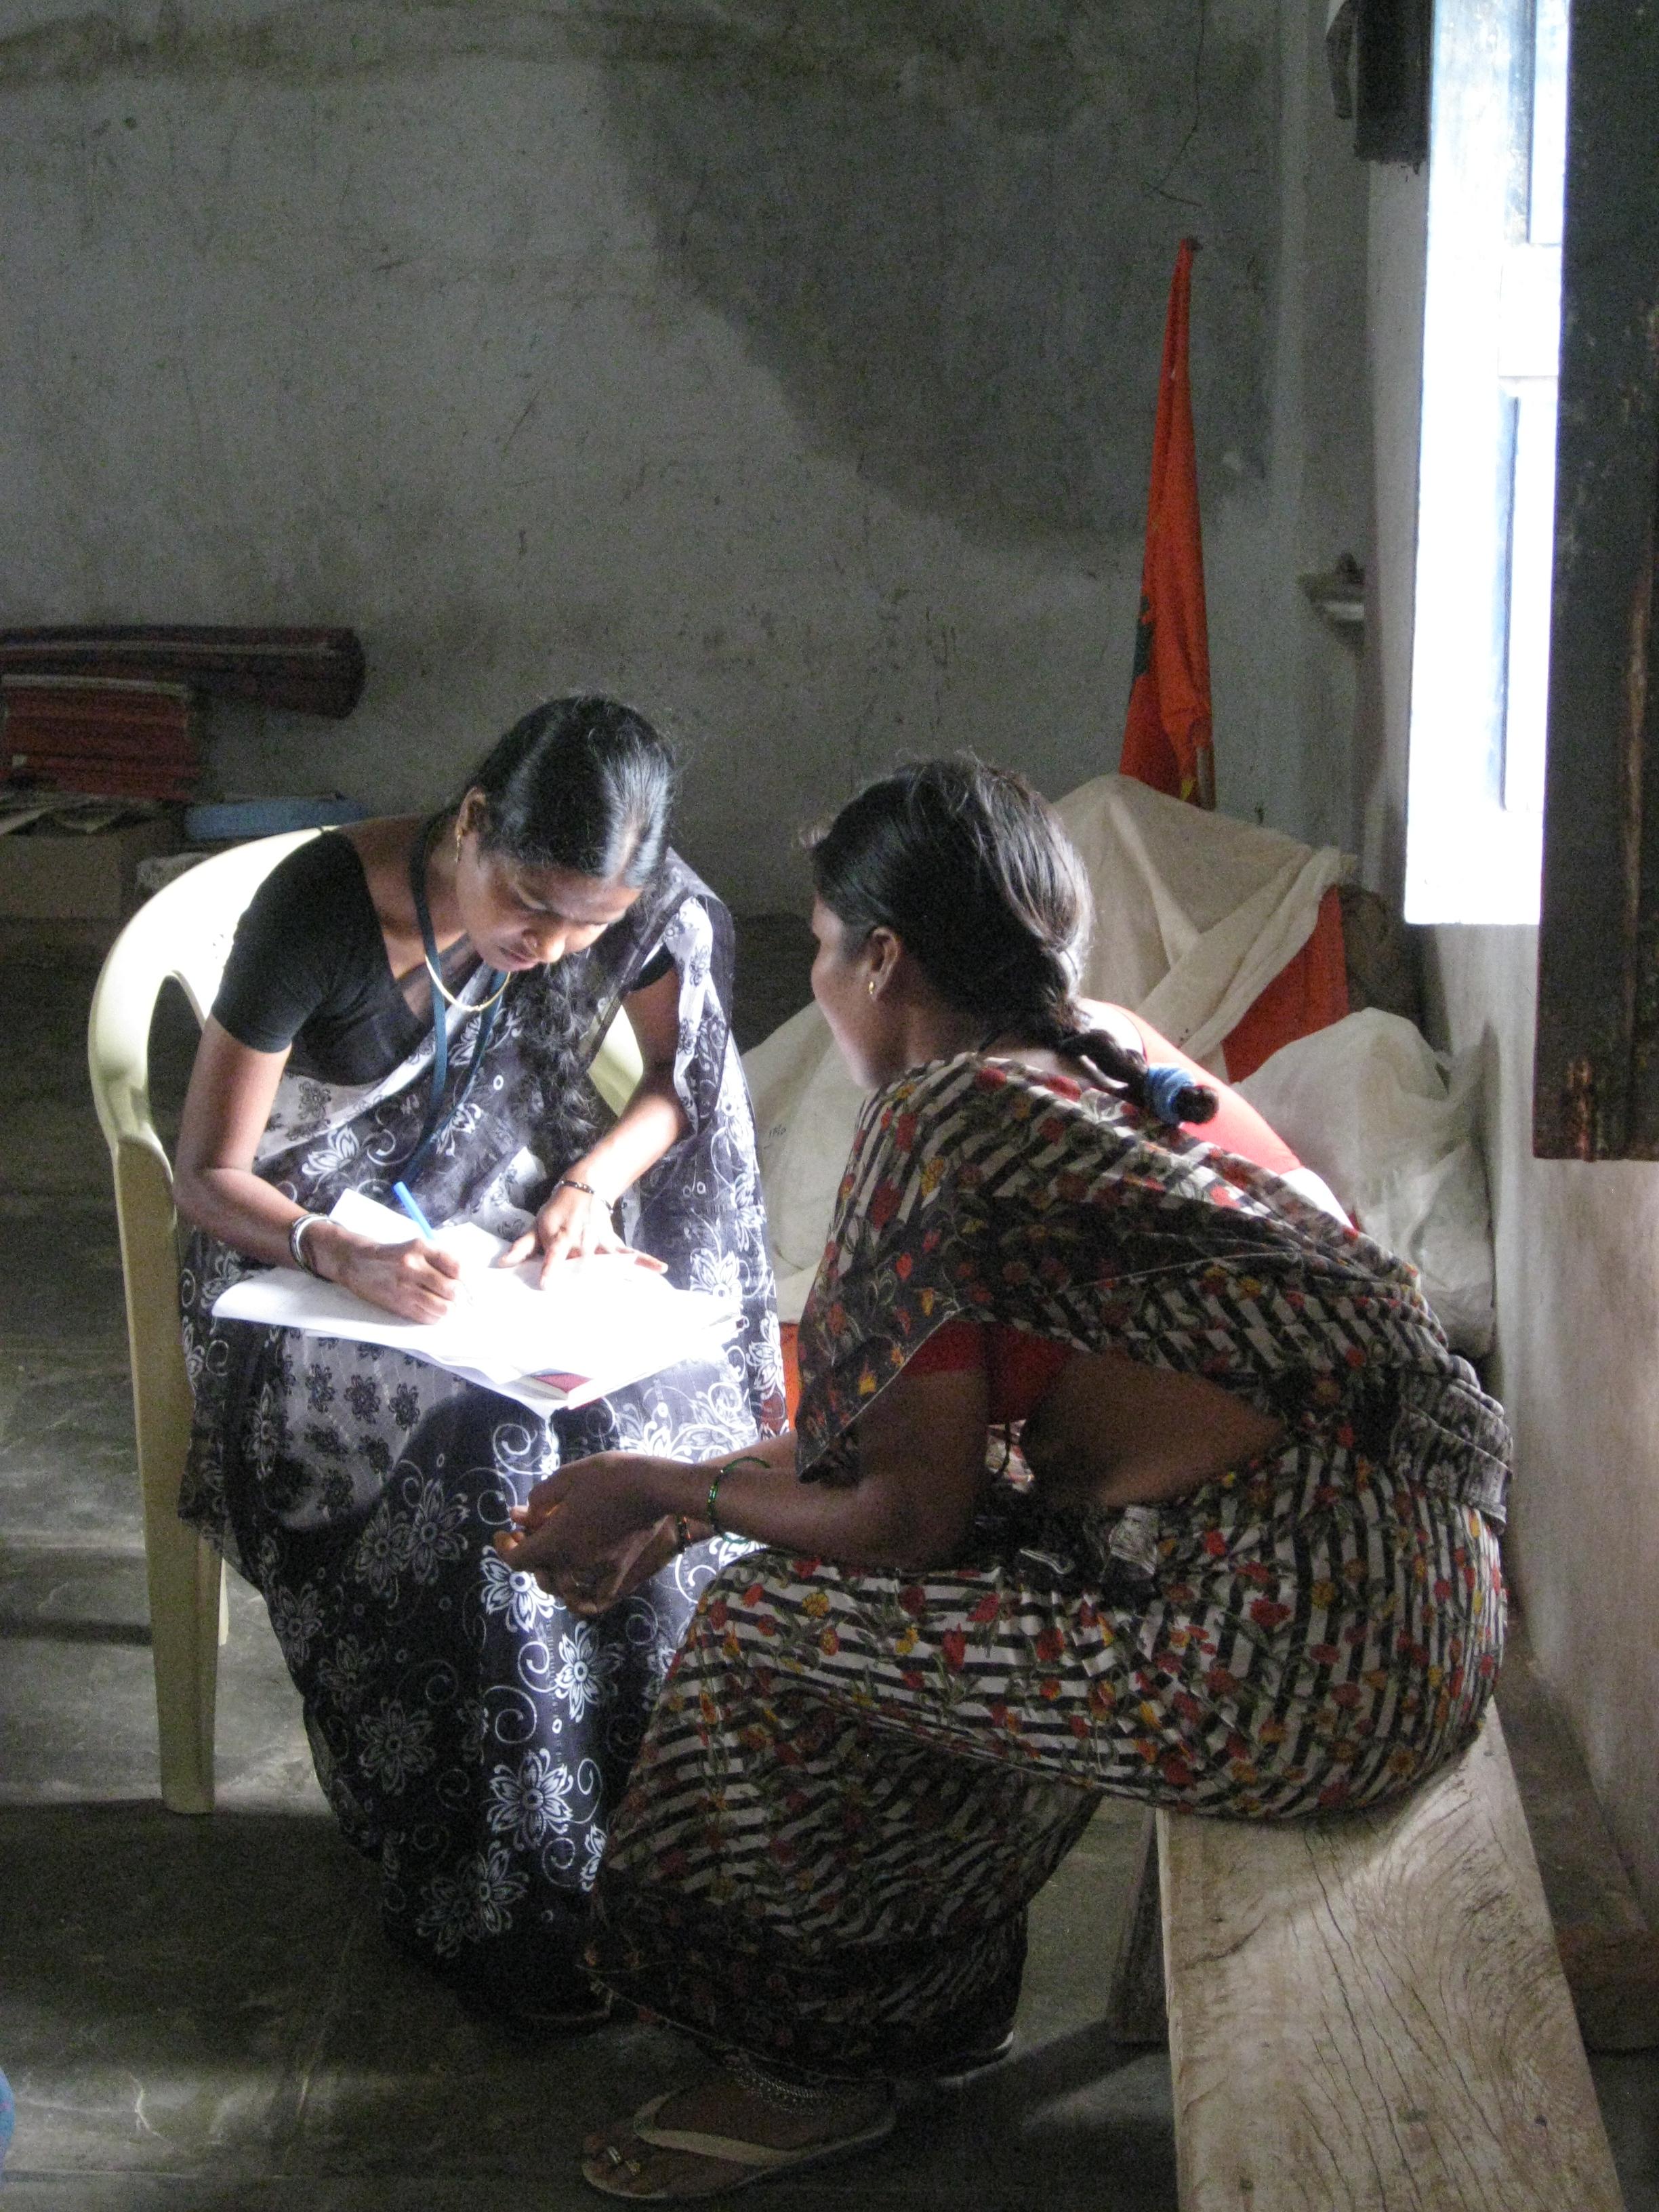 Antenatal check-up, Telangana, India